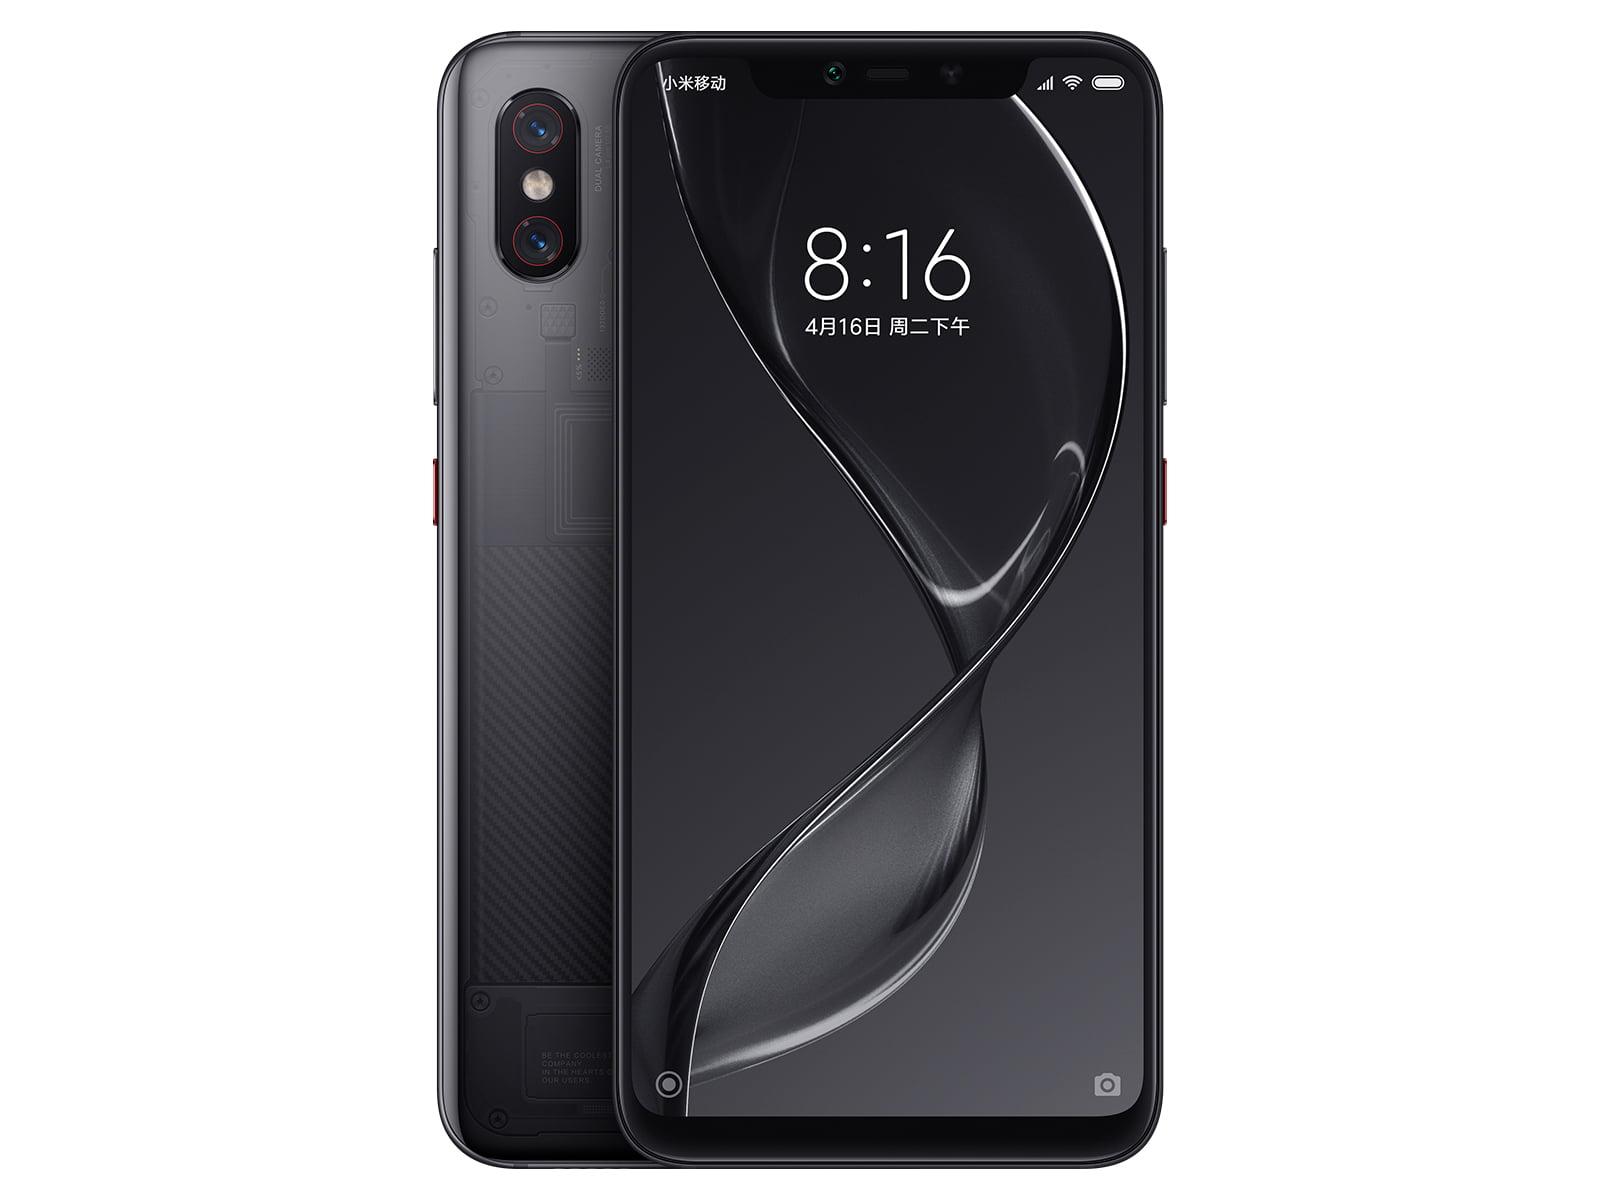 Xiaomi annuncia nuovi prodotti durante l'evento globale a Shenzhen 3